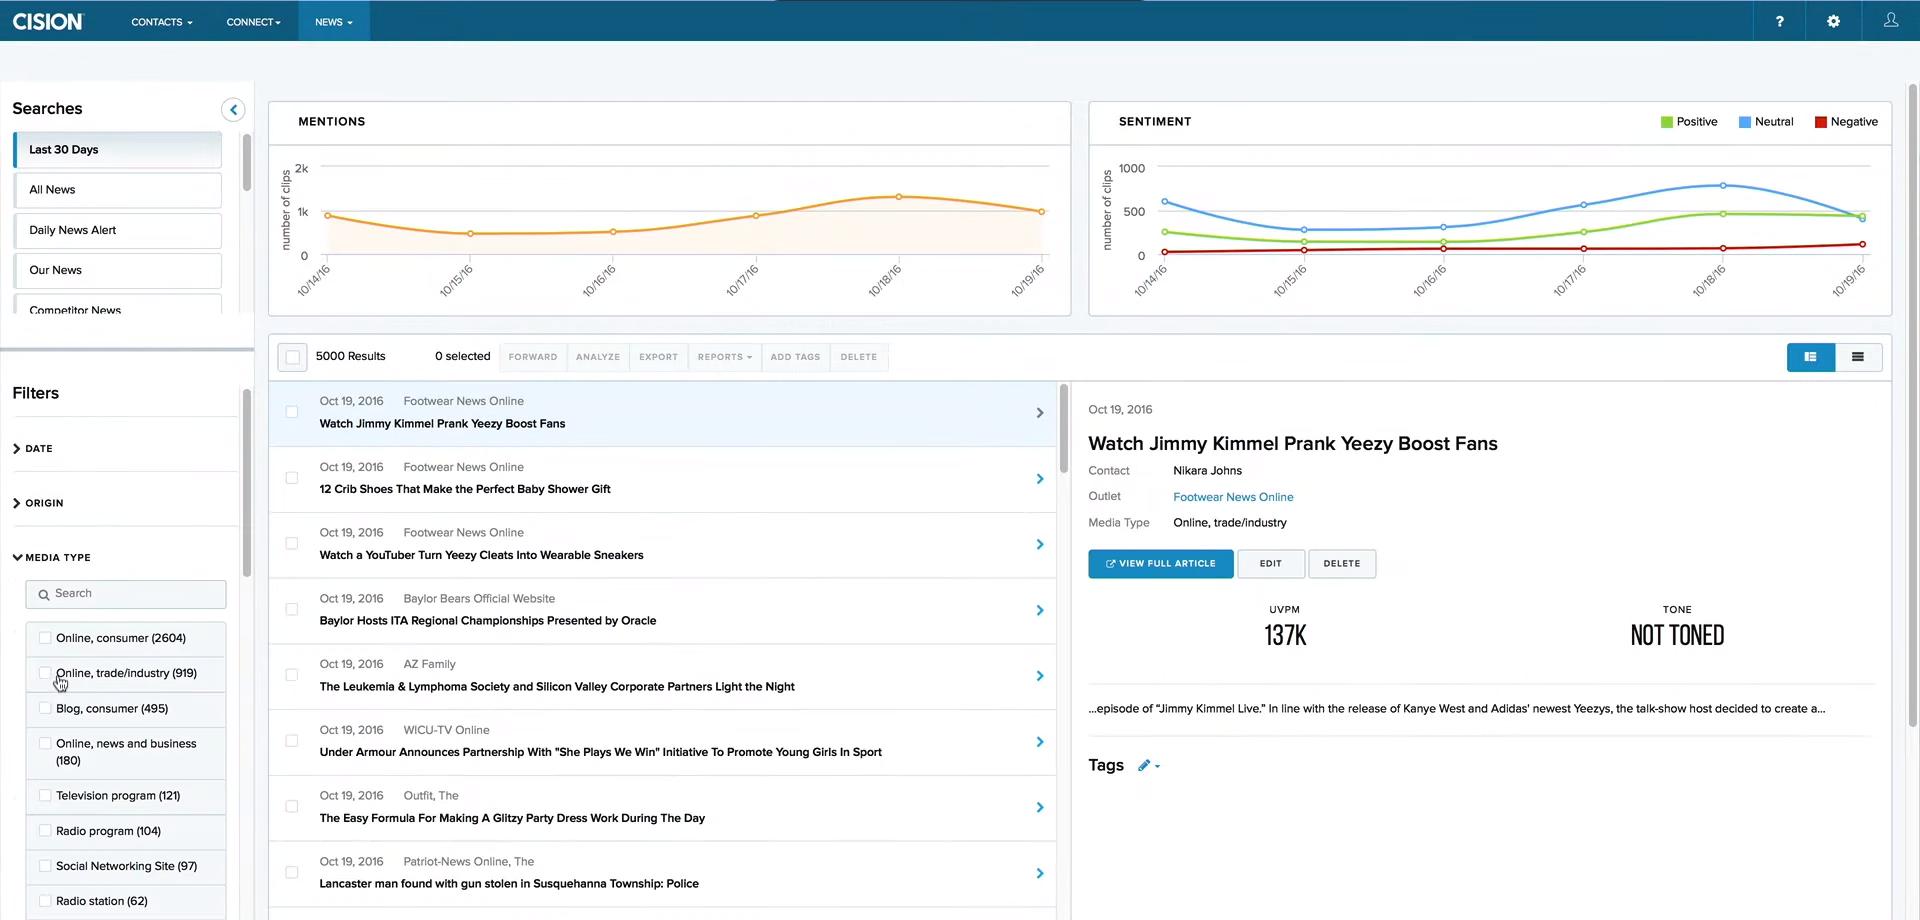 Контент-анализ новостей в разрезе упоминаний и тональности в программном обеспечении для PR Cision Communications Cloud